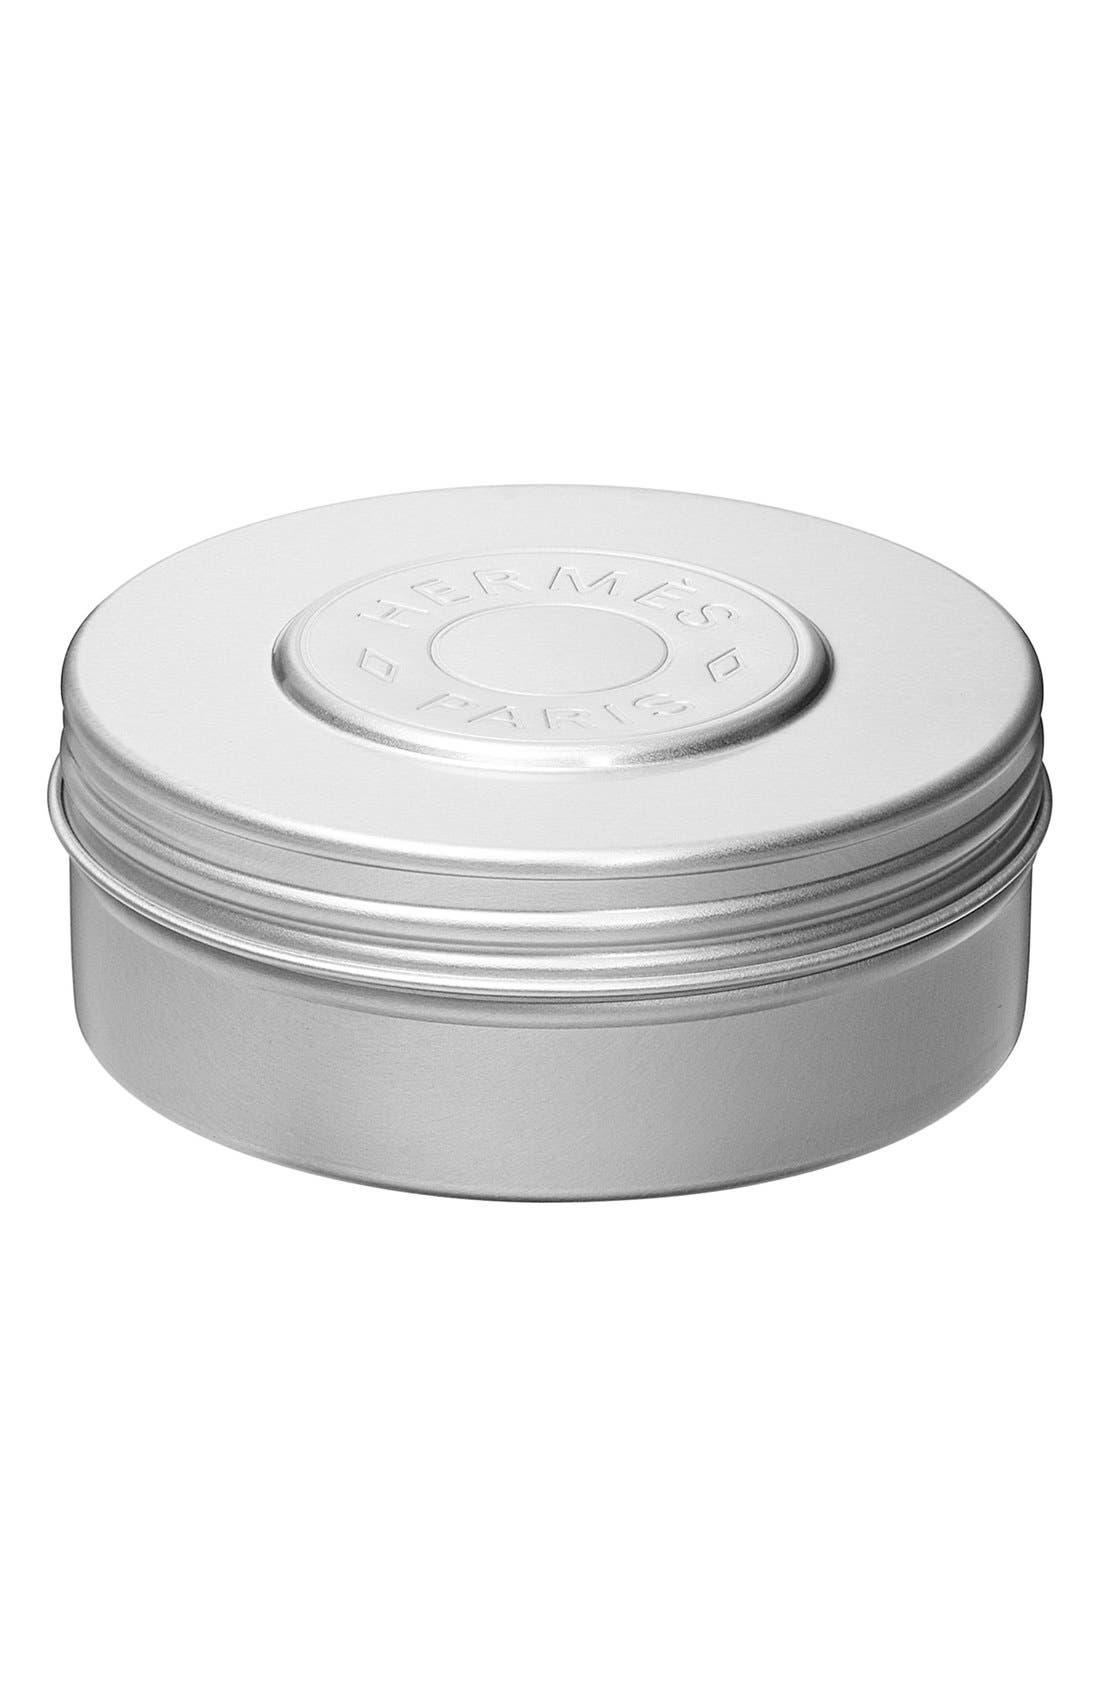 Eau de Gentiane Blanche - Face and body moisturizing balm,                             Main thumbnail 1, color,                             NO COLOR